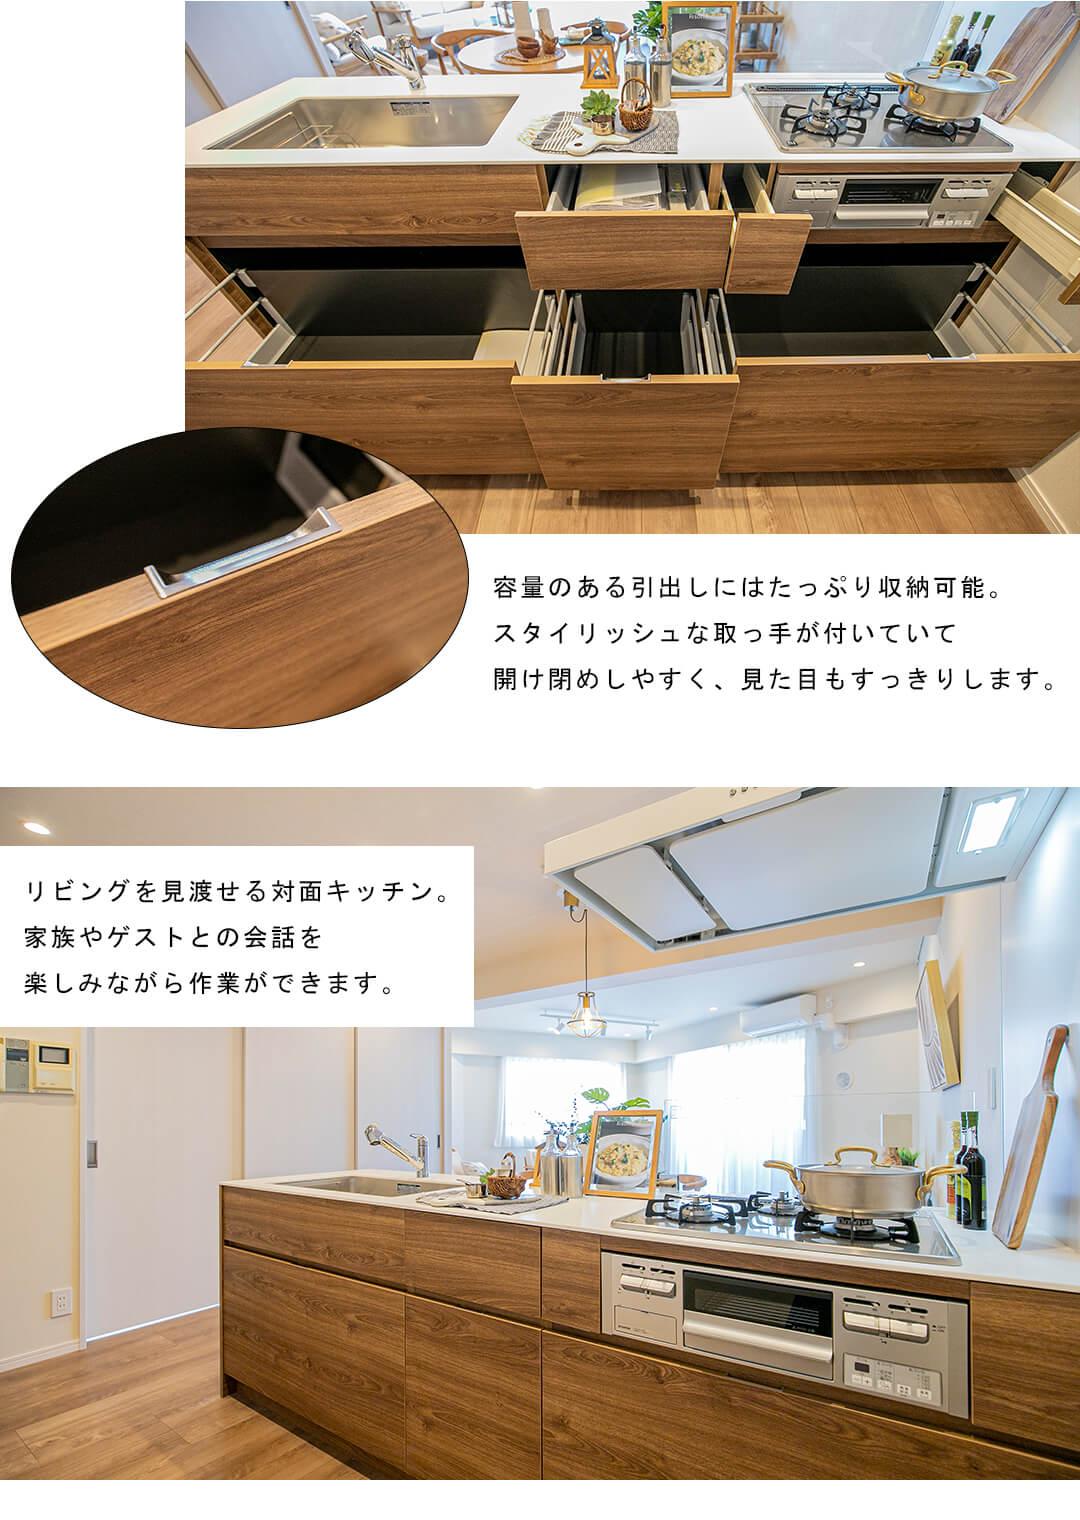 西荻窪デュープレックスのキッチン